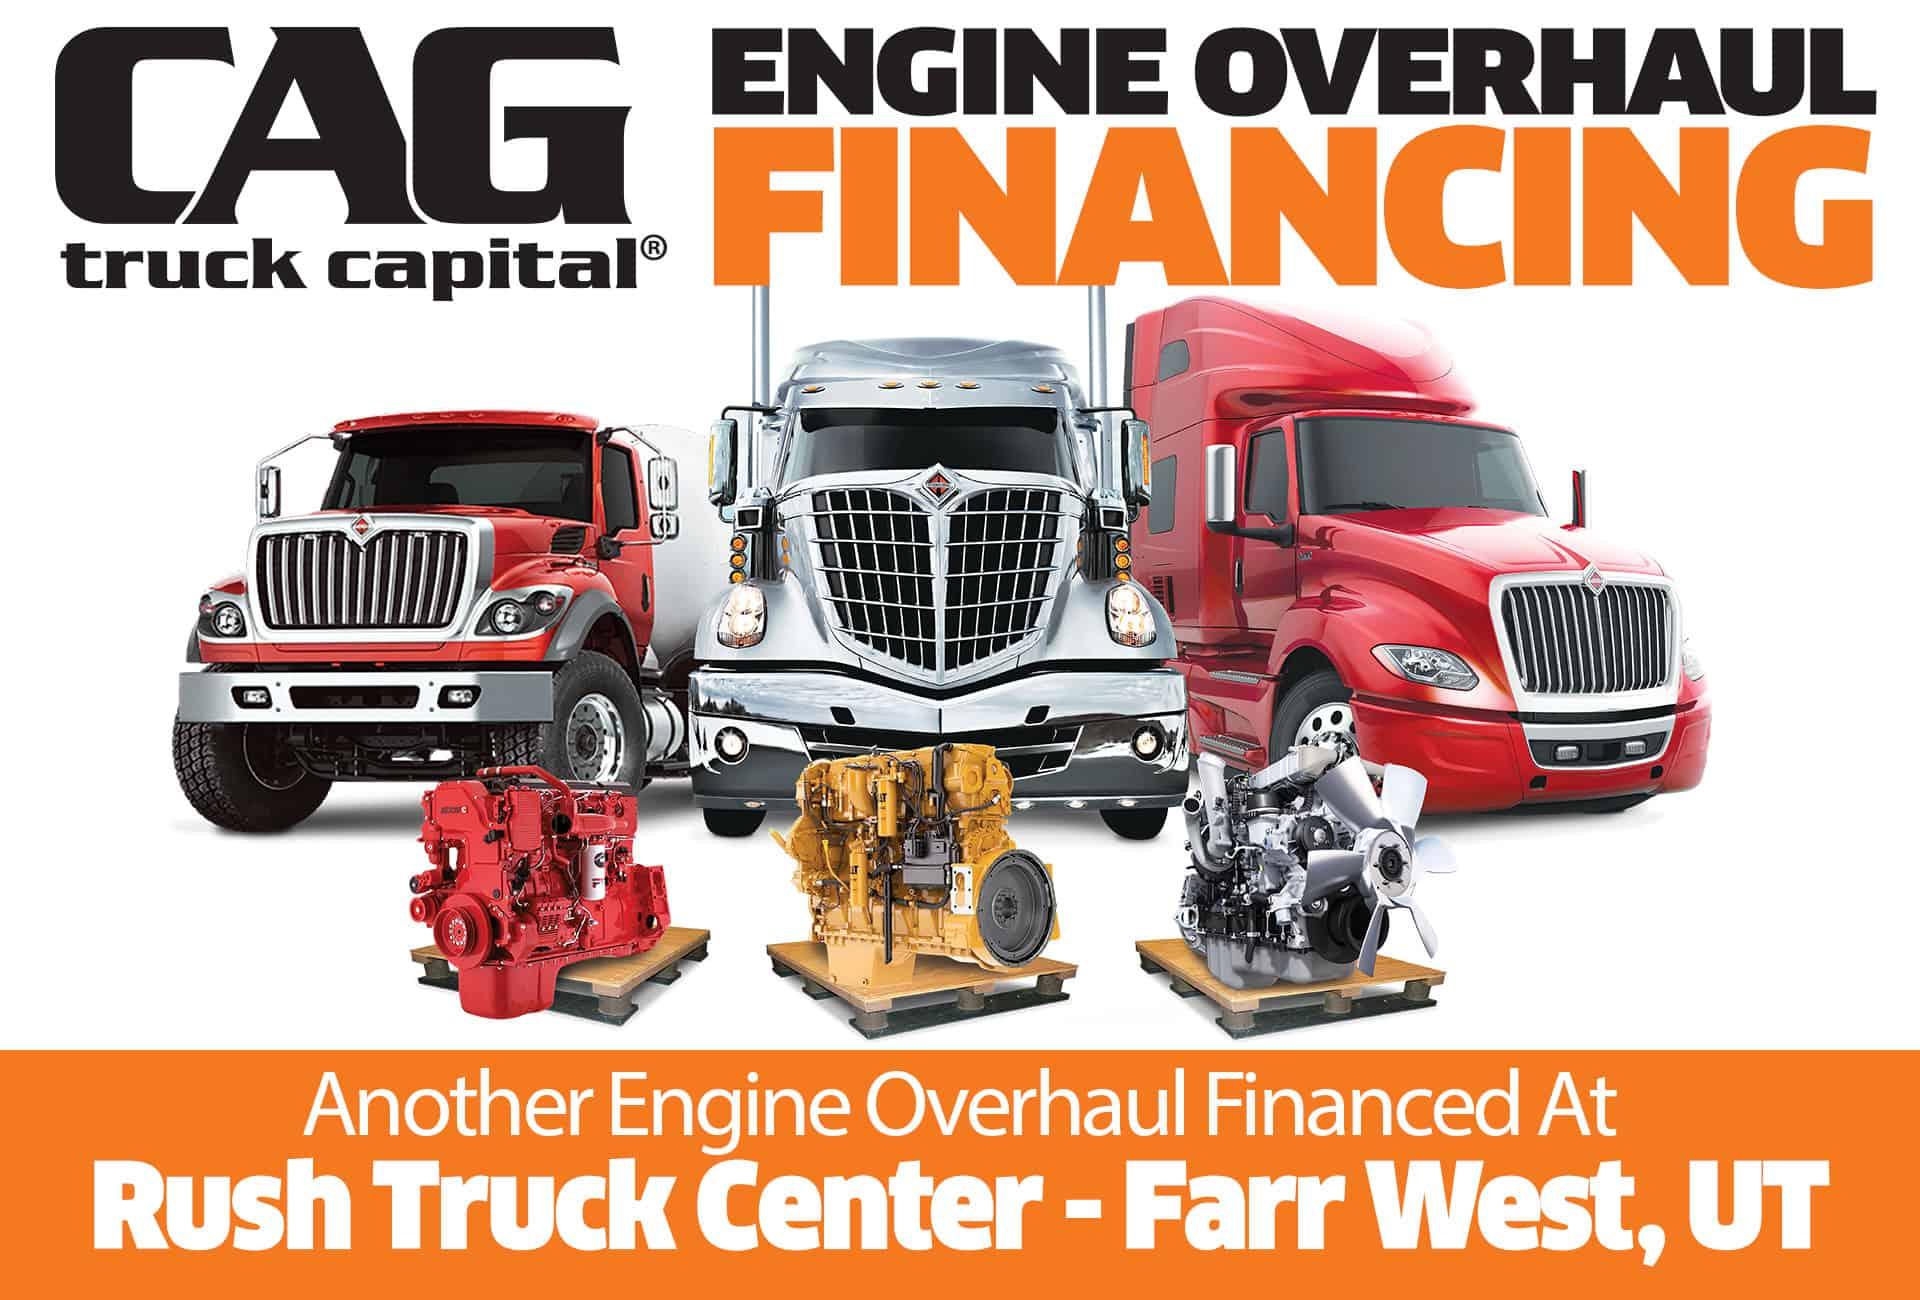 Rush Truck Center Farr West UT